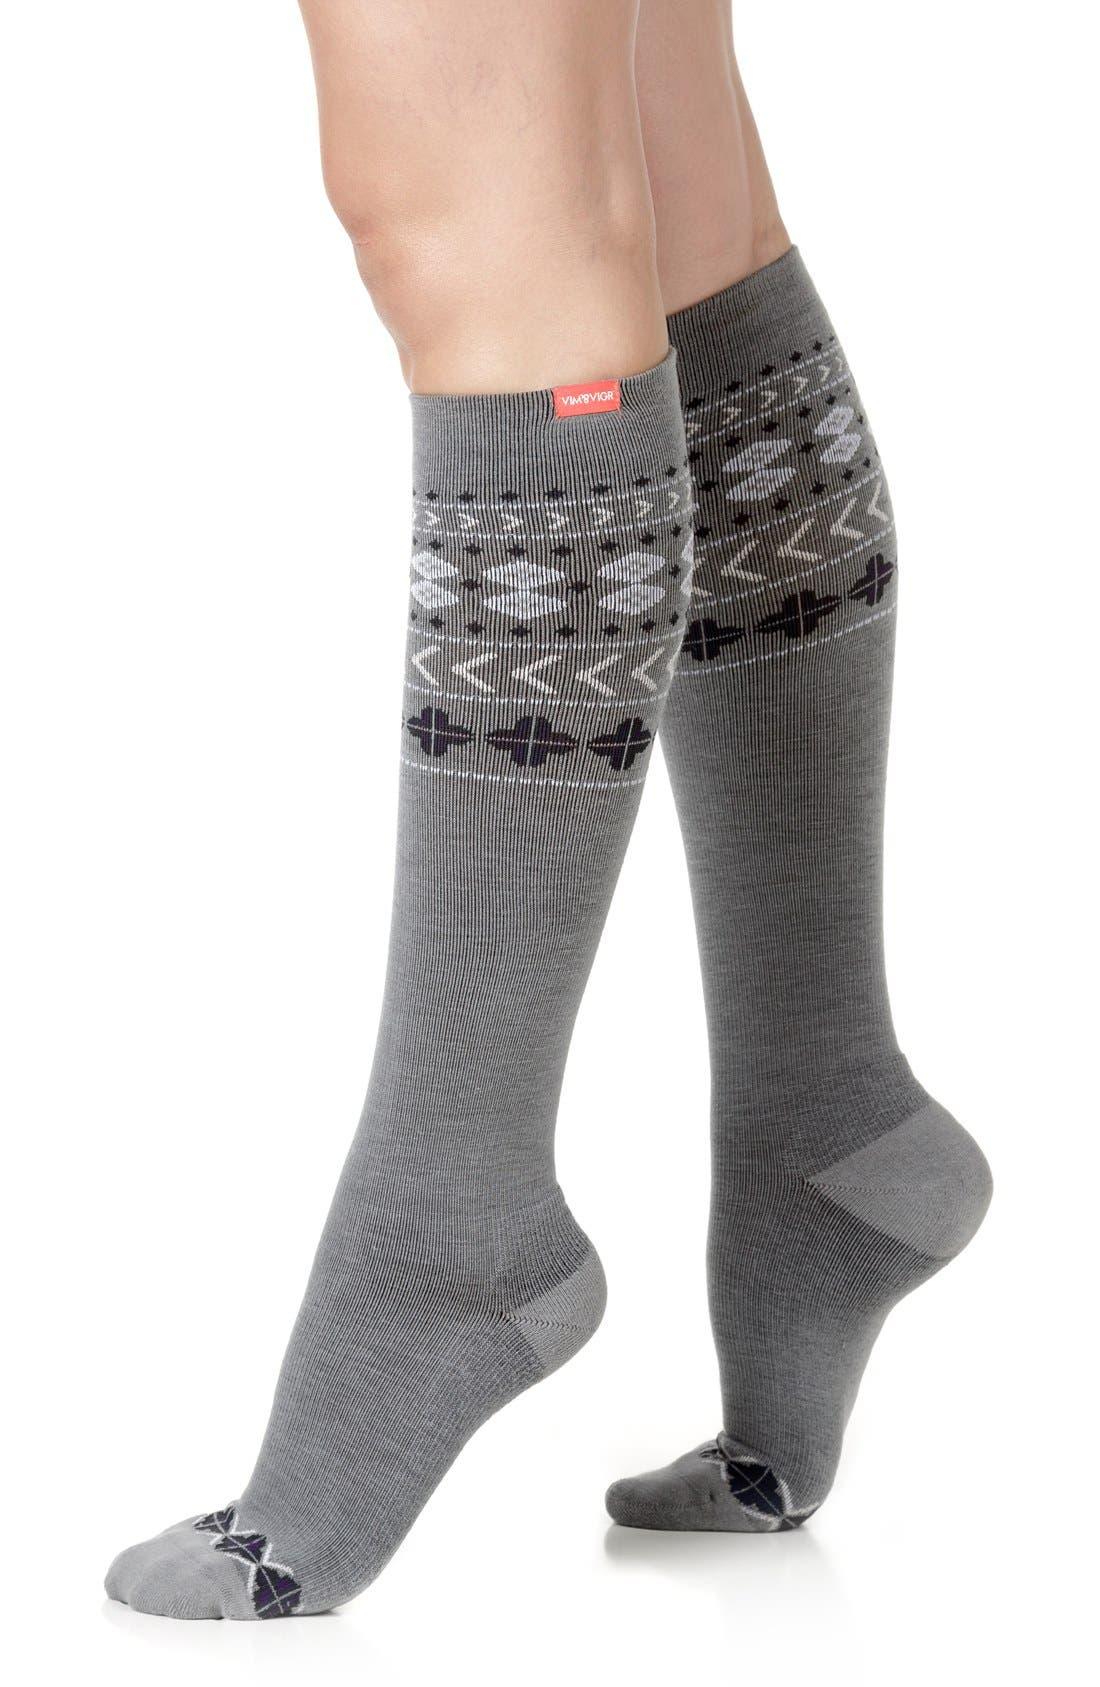 Alternate Image 1 Selected - VIM & VIGR Fair Isle Compression Knee Socks